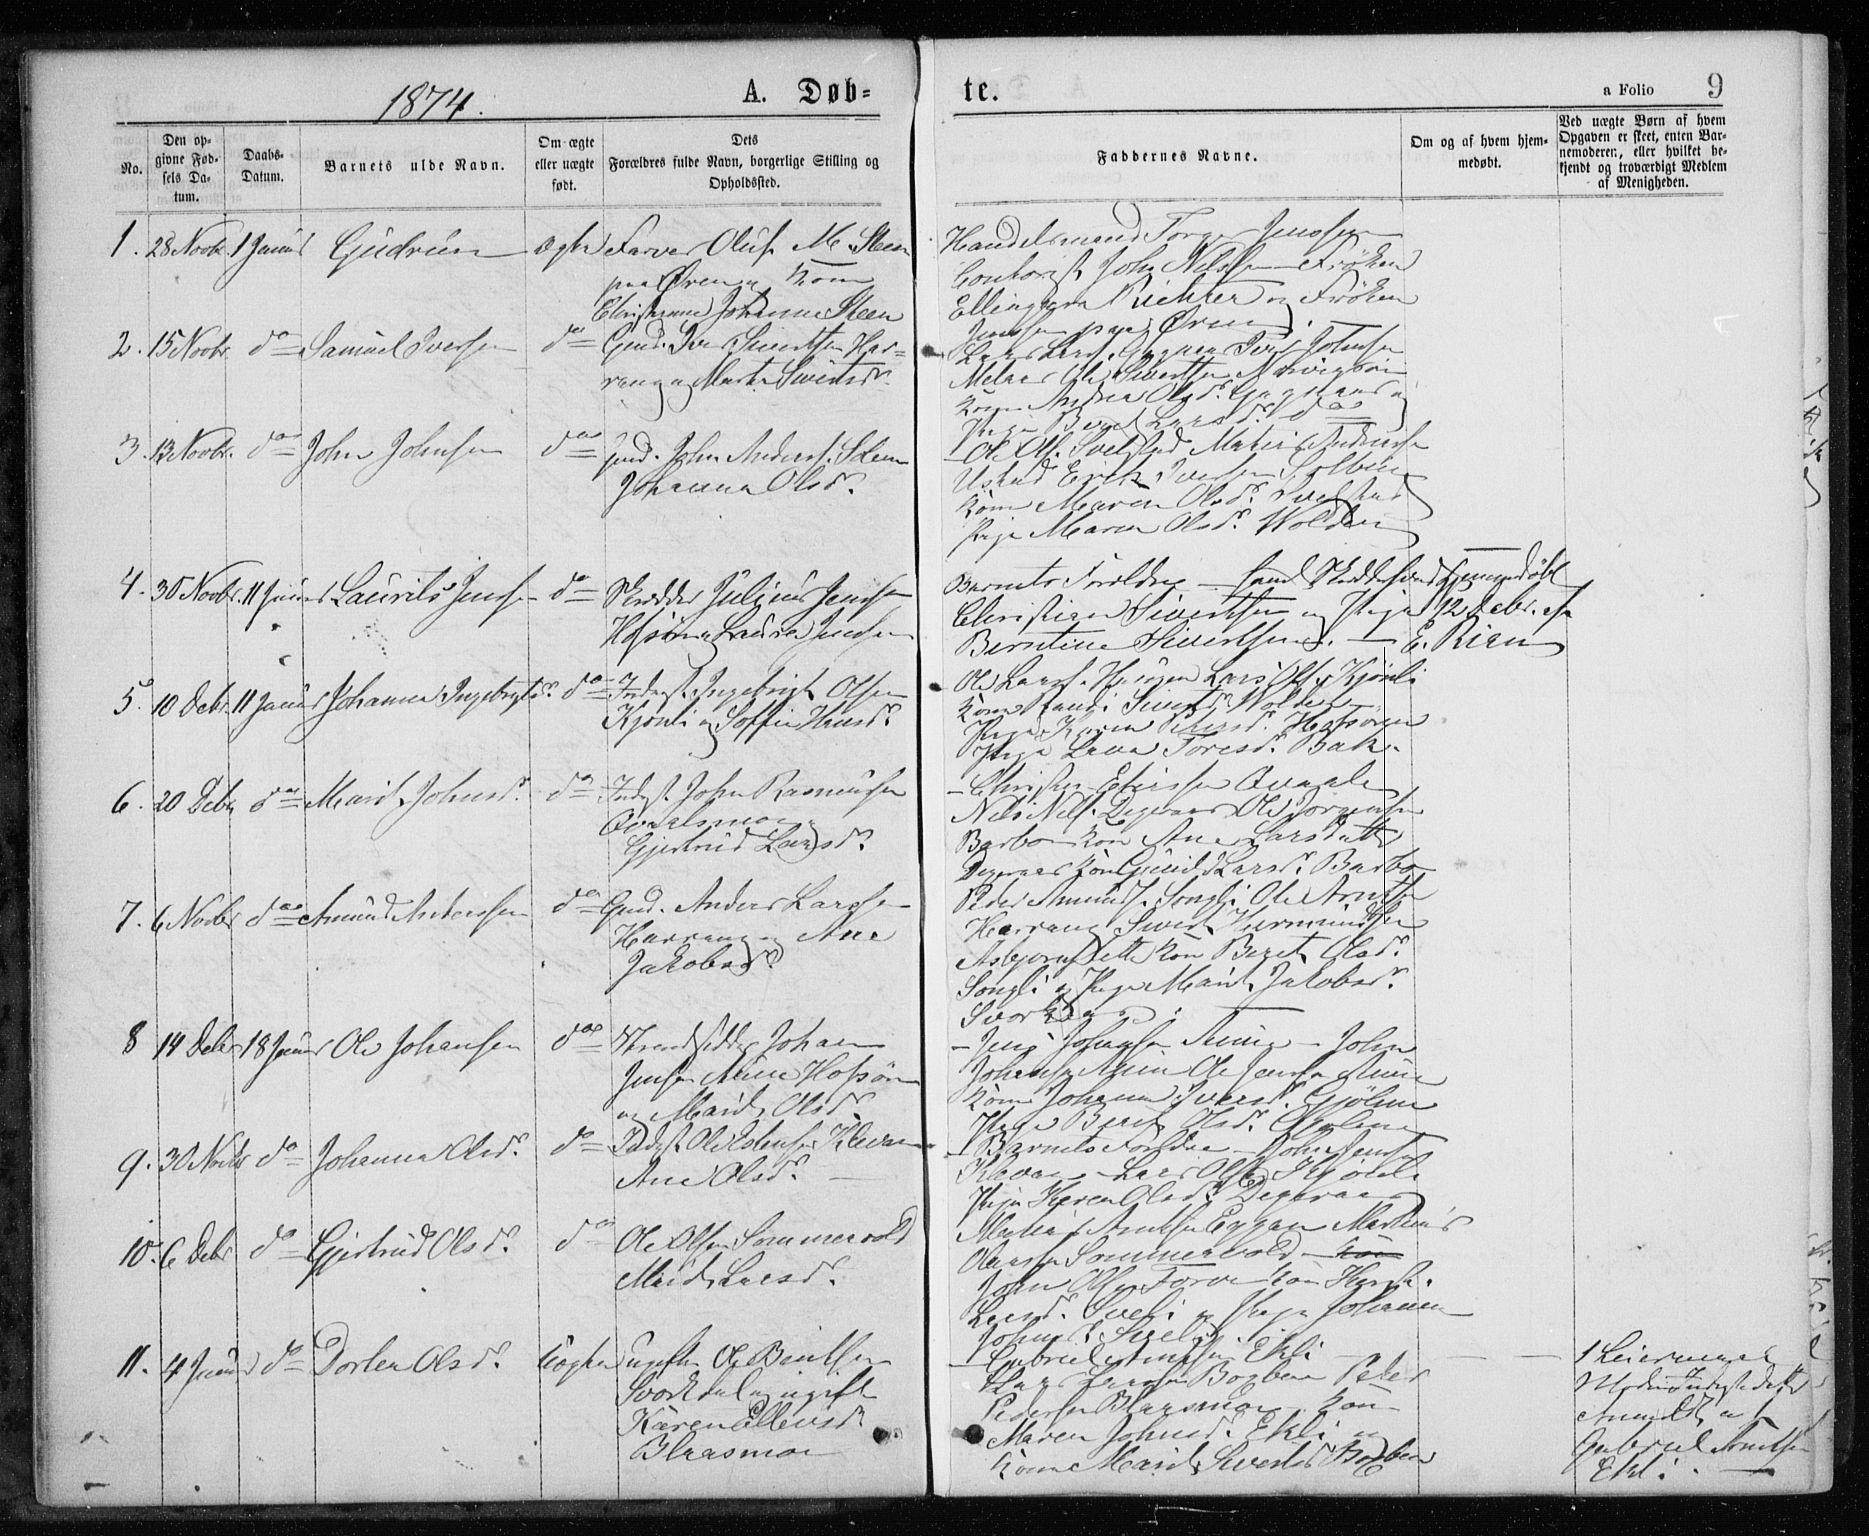 SAT, Ministerialprotokoller, klokkerbøker og fødselsregistre - Sør-Trøndelag, 668/L0817: Klokkerbok nr. 668C06, 1873-1884, s. 9